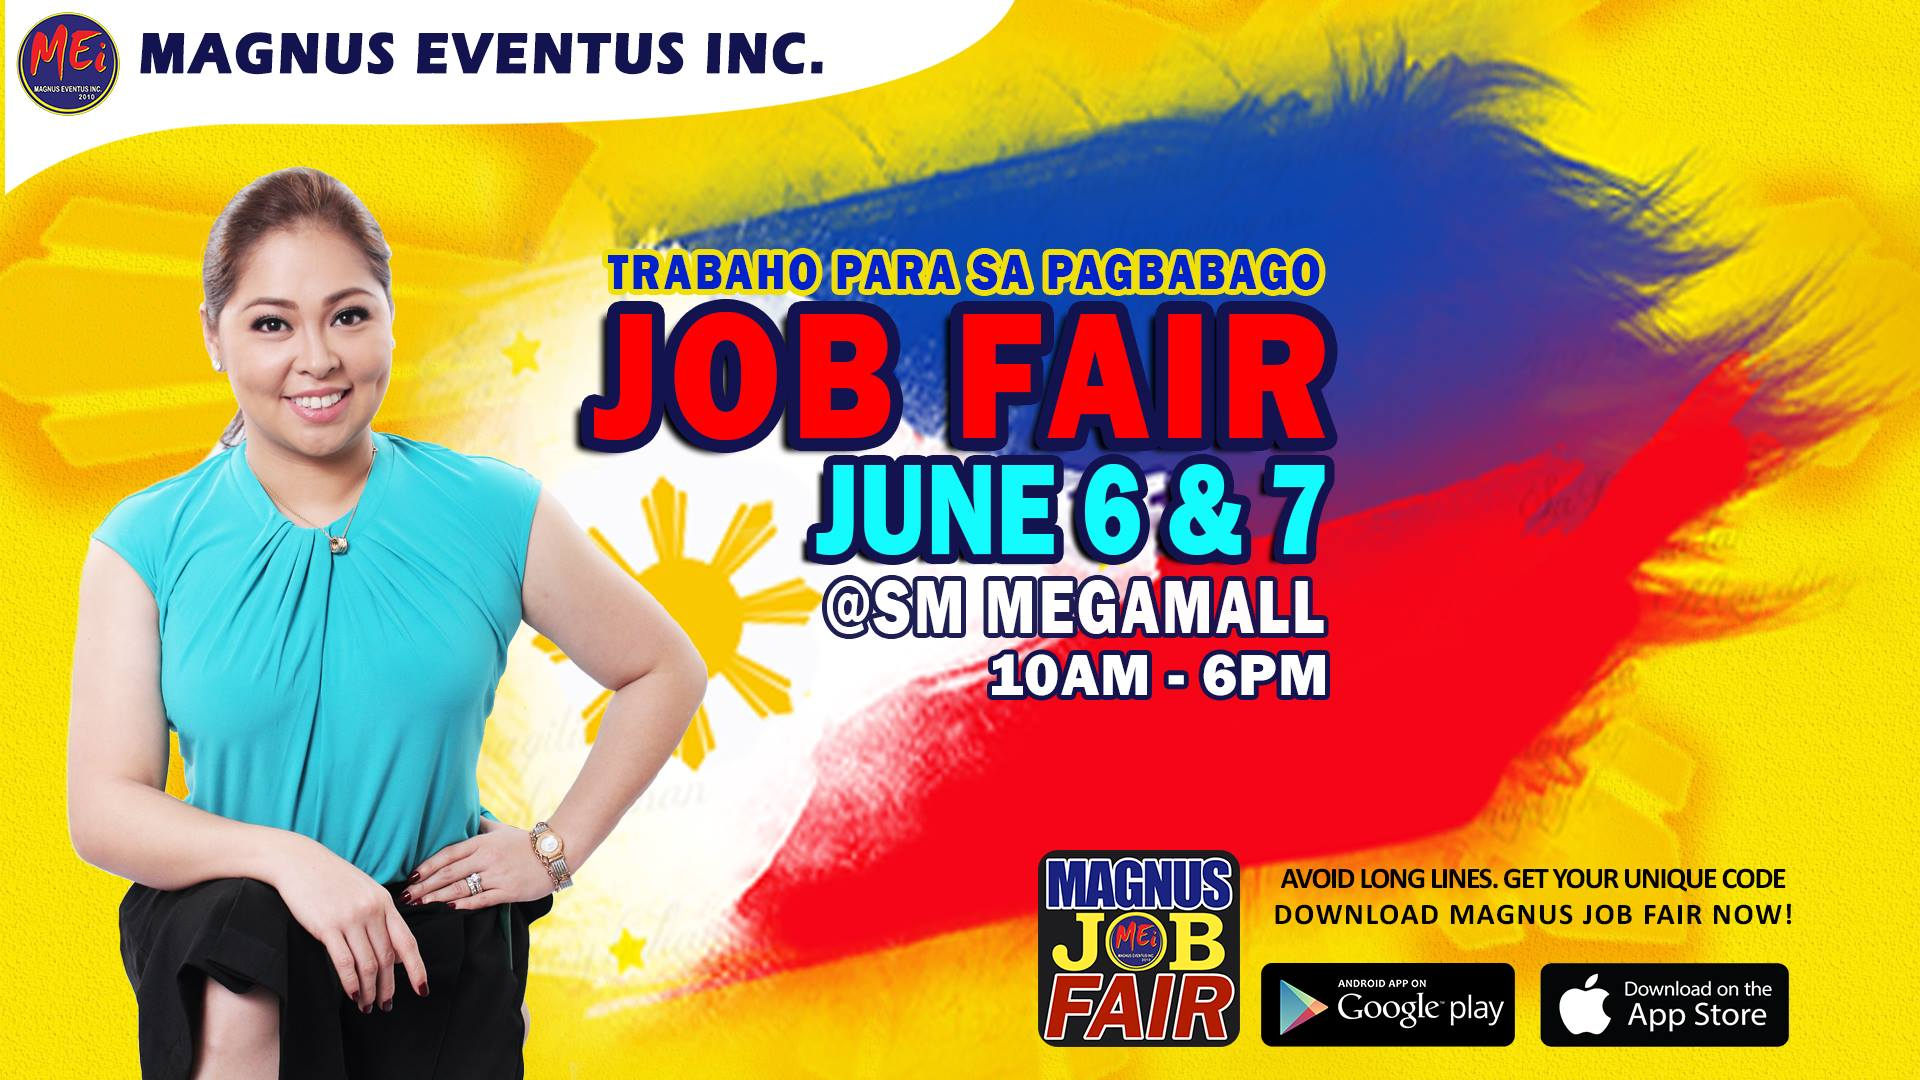 Trabaho para sa Pagbabago Job Fair at SM Megamall DU30's Anniv